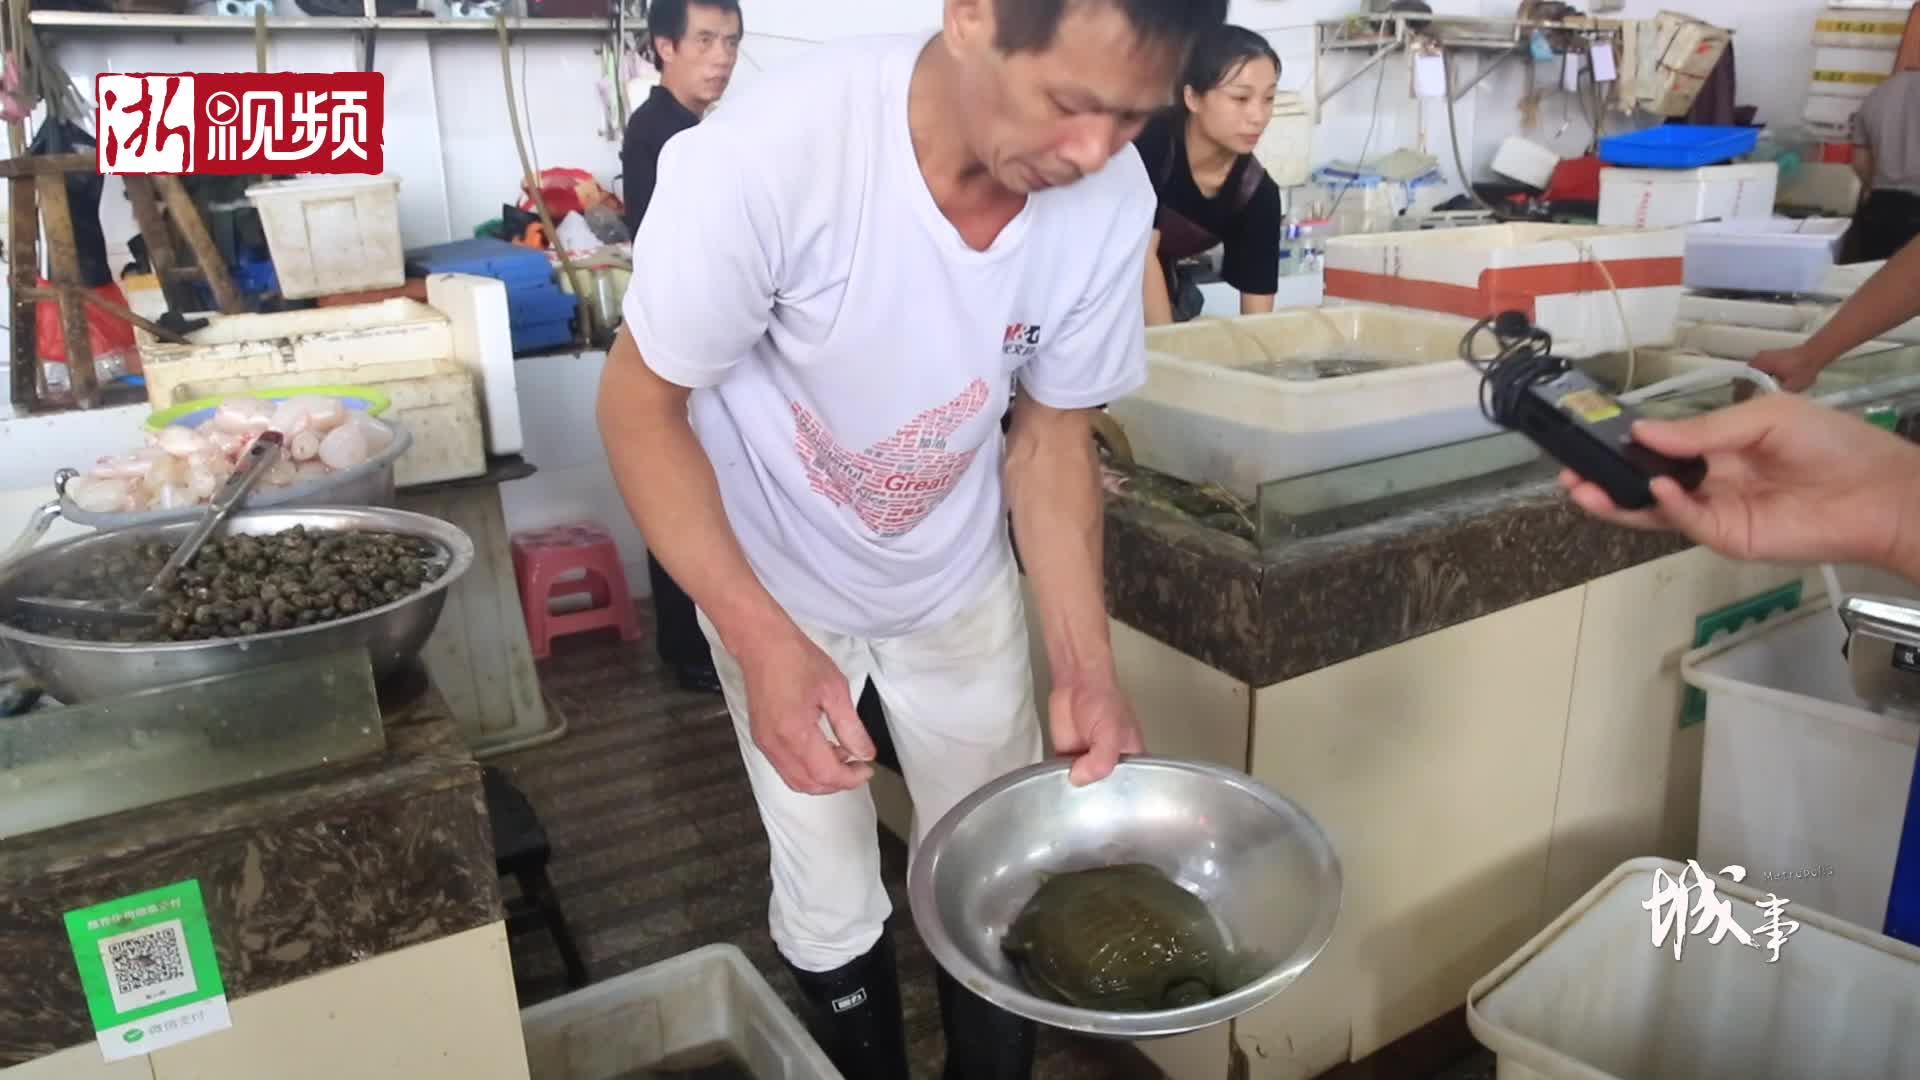 义乌大叔37年练就徒手称鱼绝技 一称一个准